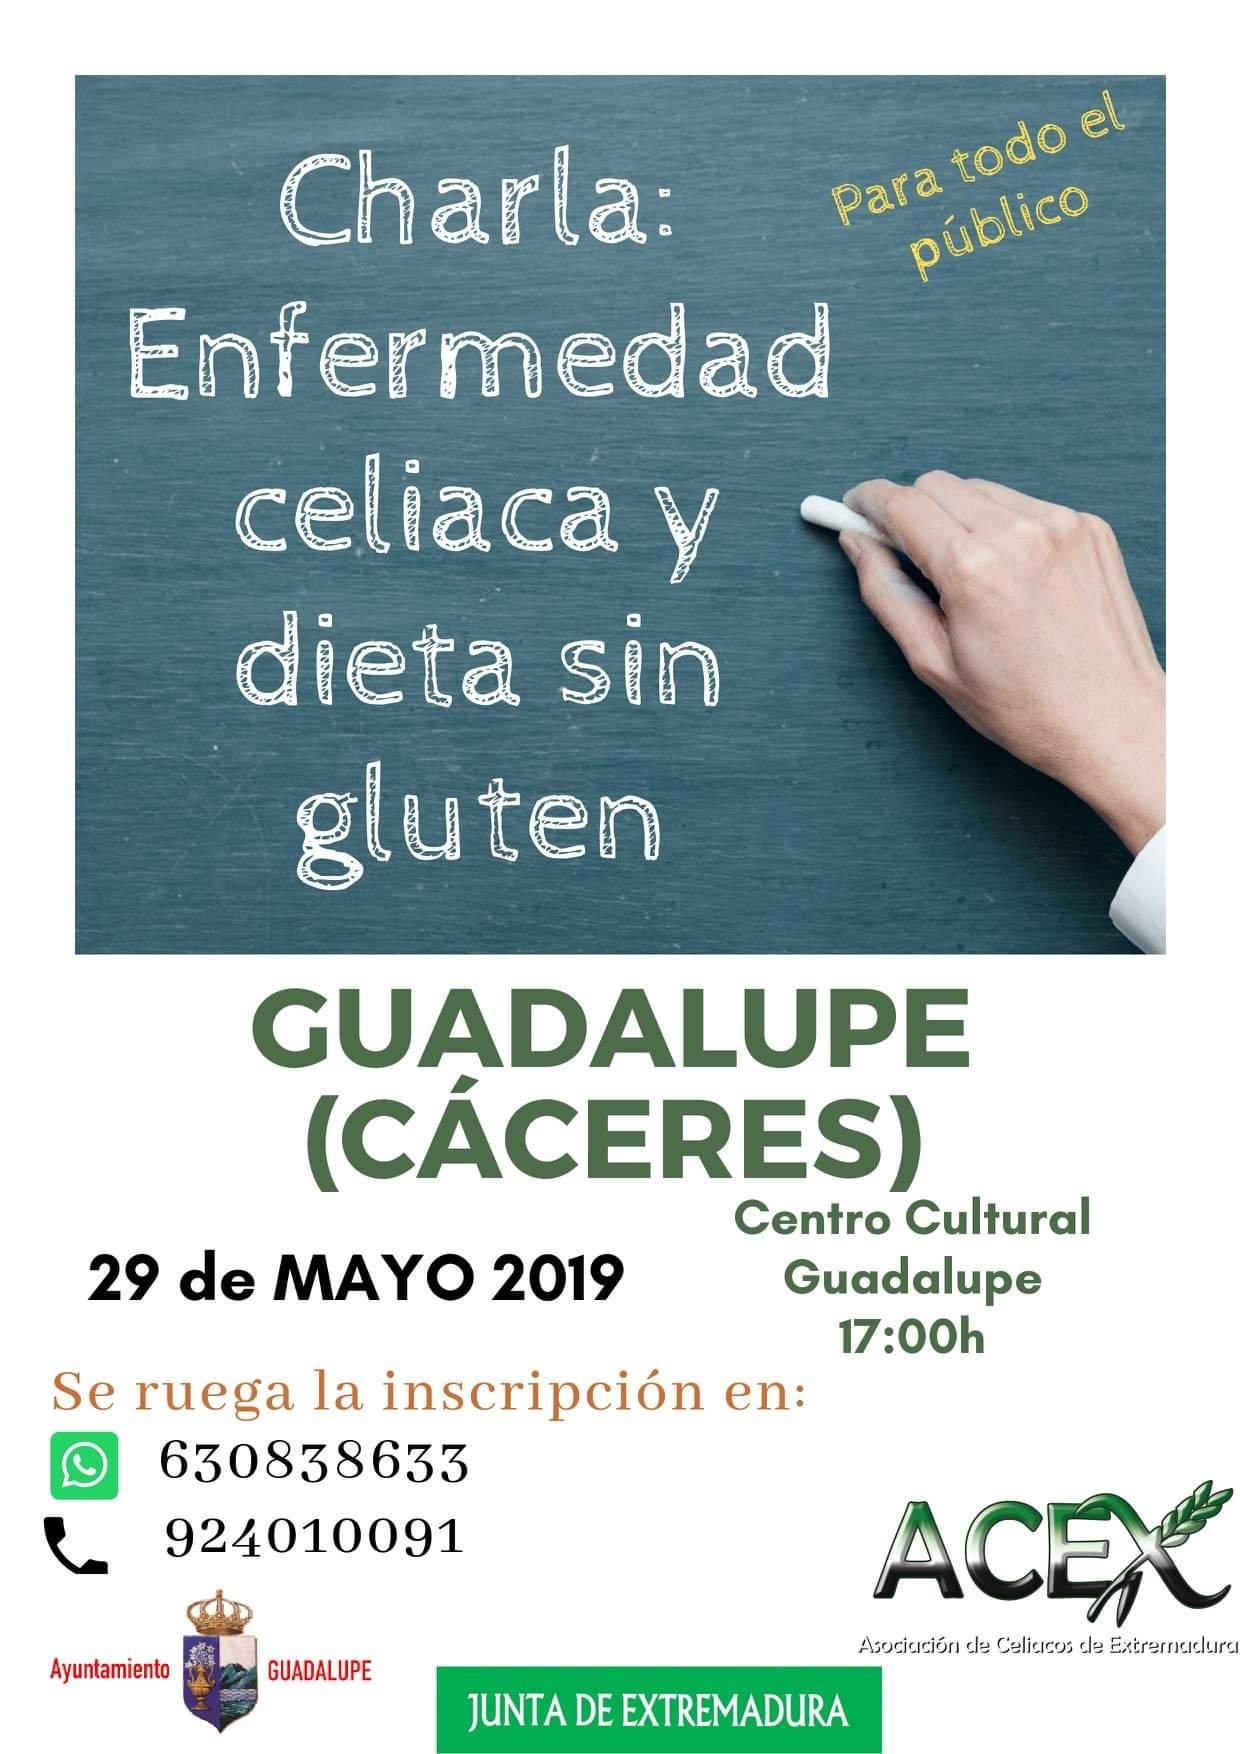 Charla sobre la enfermedad celiaca y dieta sin gluten mayo 2019 - Guadalupe (Cáceres)